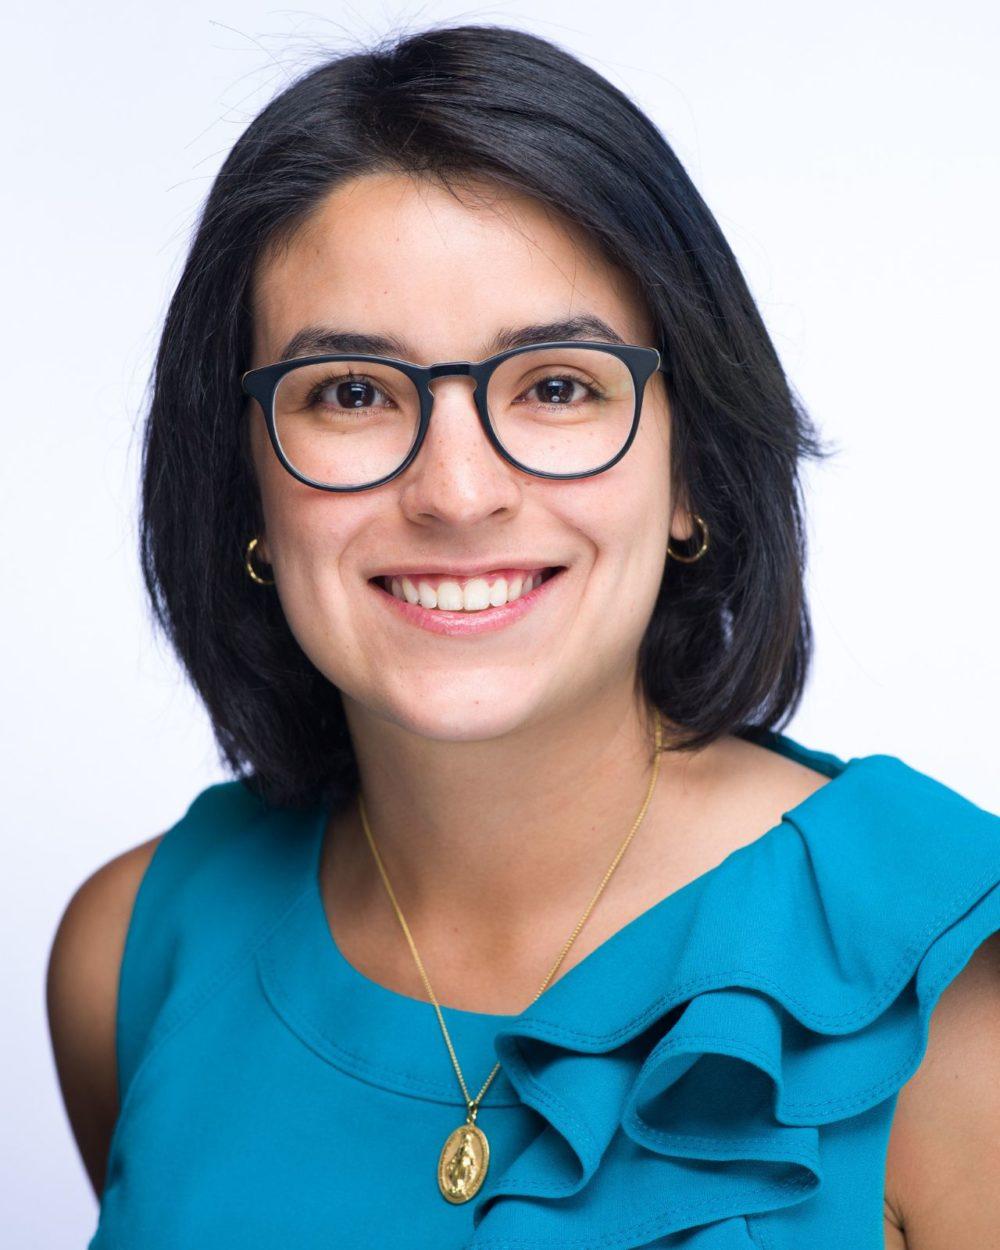 Bea Gandica